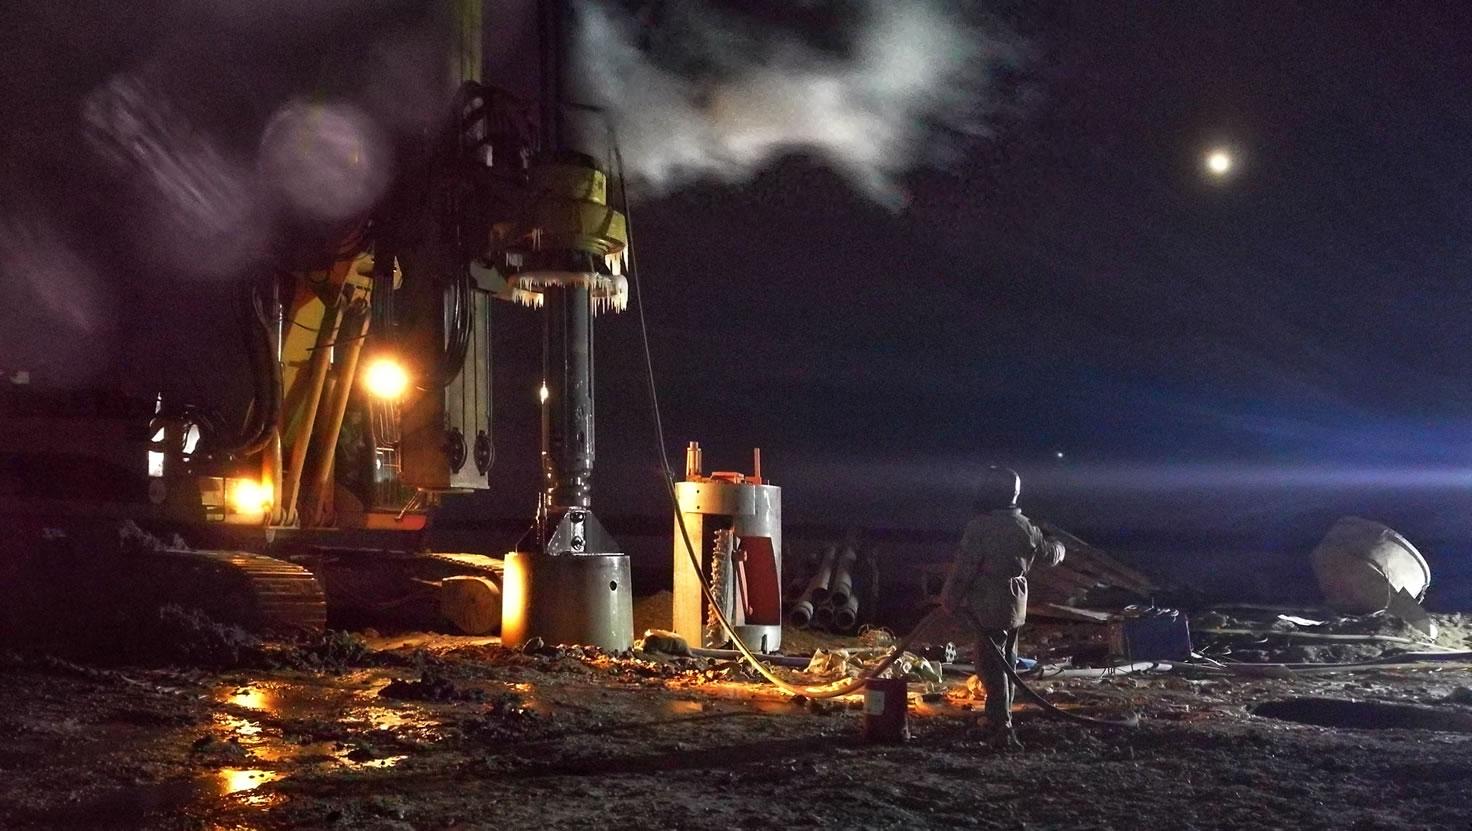 东北风的视界 中俄黑龙江大桥月夜施工图 207864.jpg